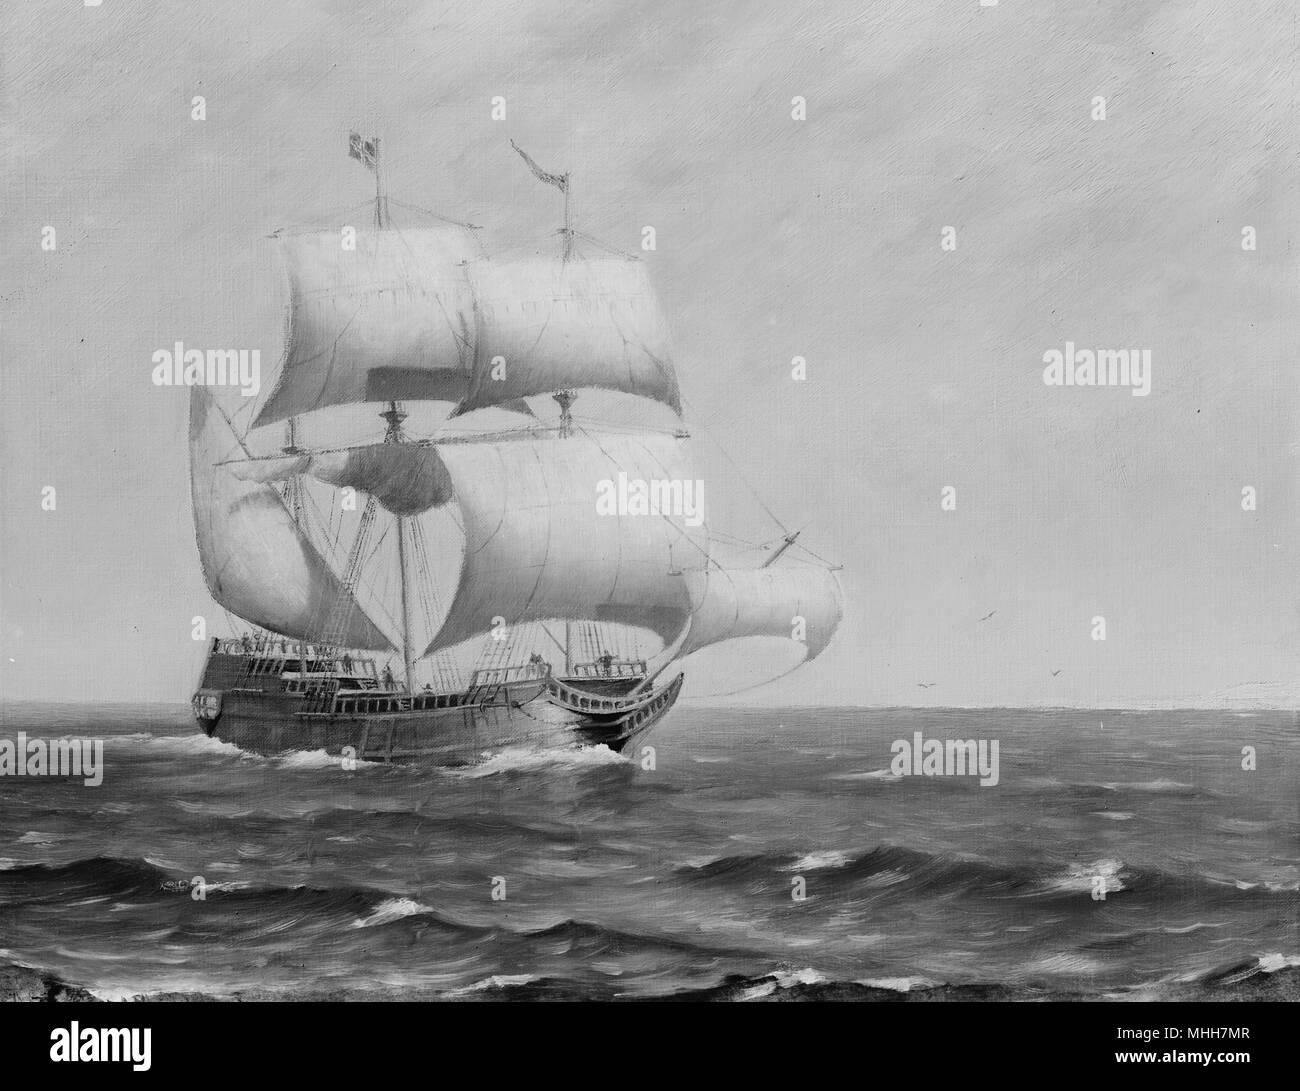 Fantastisch Schiff Färbung Seite Galerie - Framing Malvorlagen ...